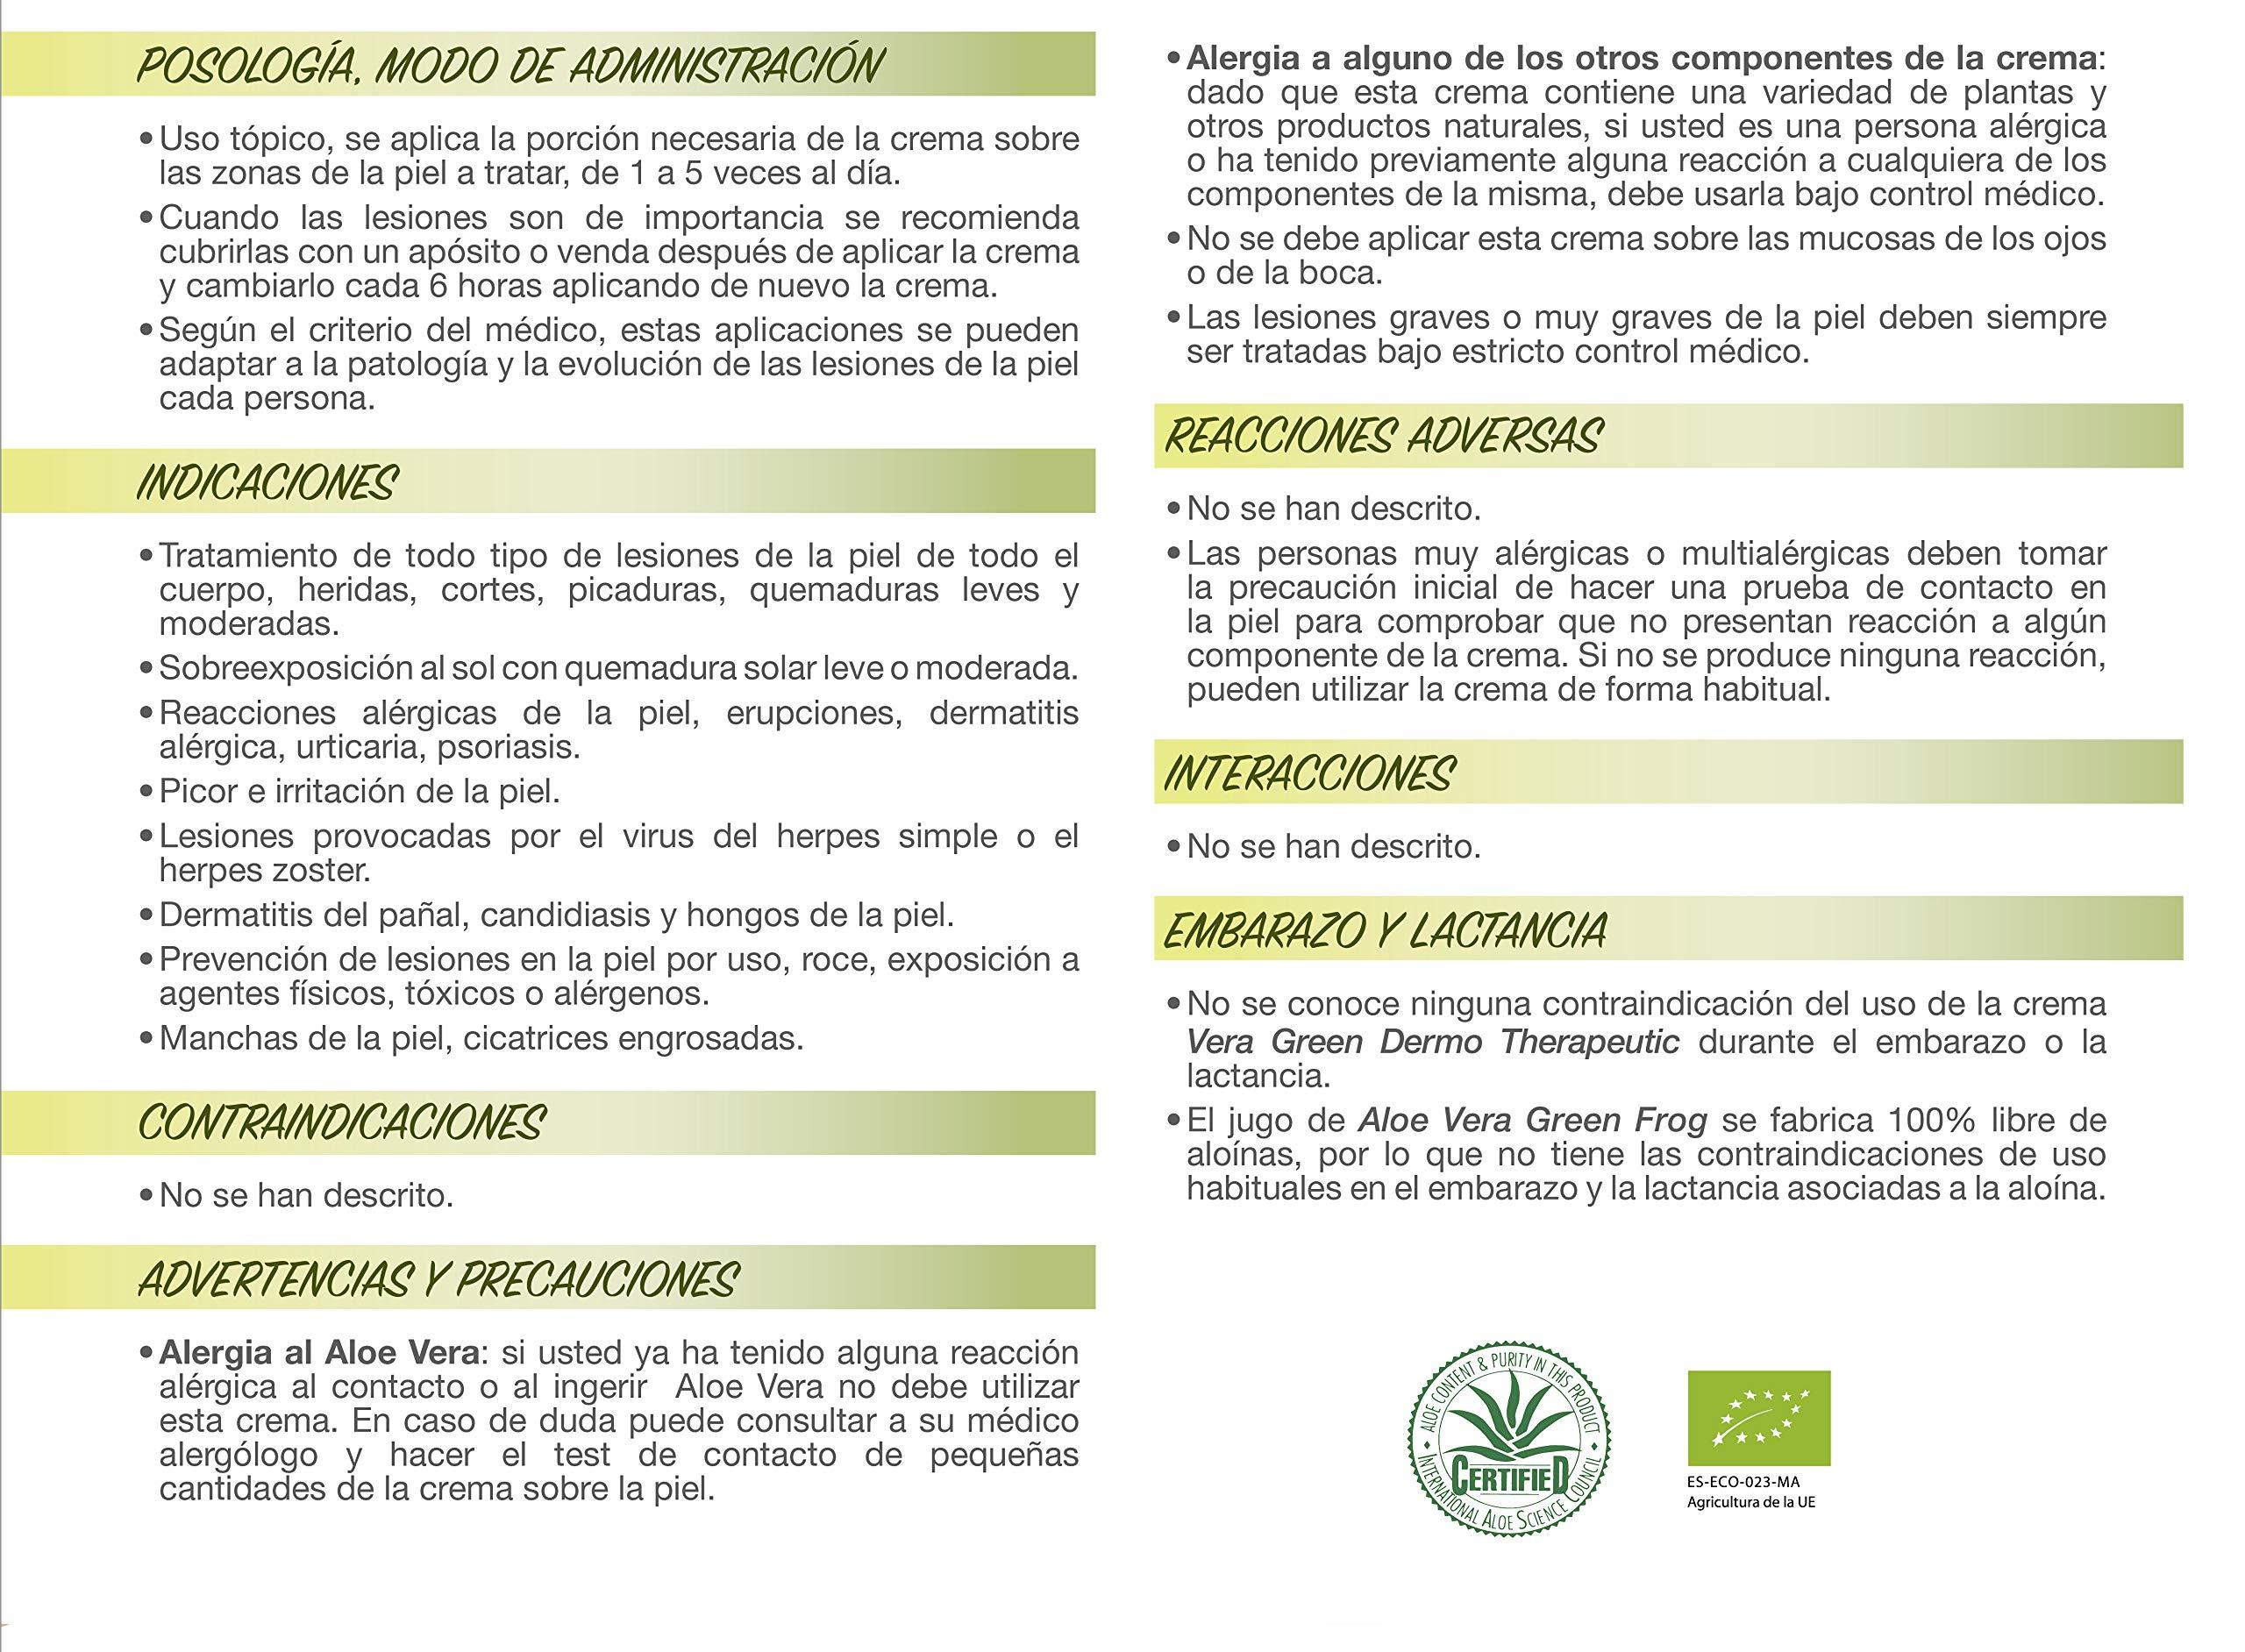 Amazon.es: GREEN FROG: CREMAS ALOE VERA